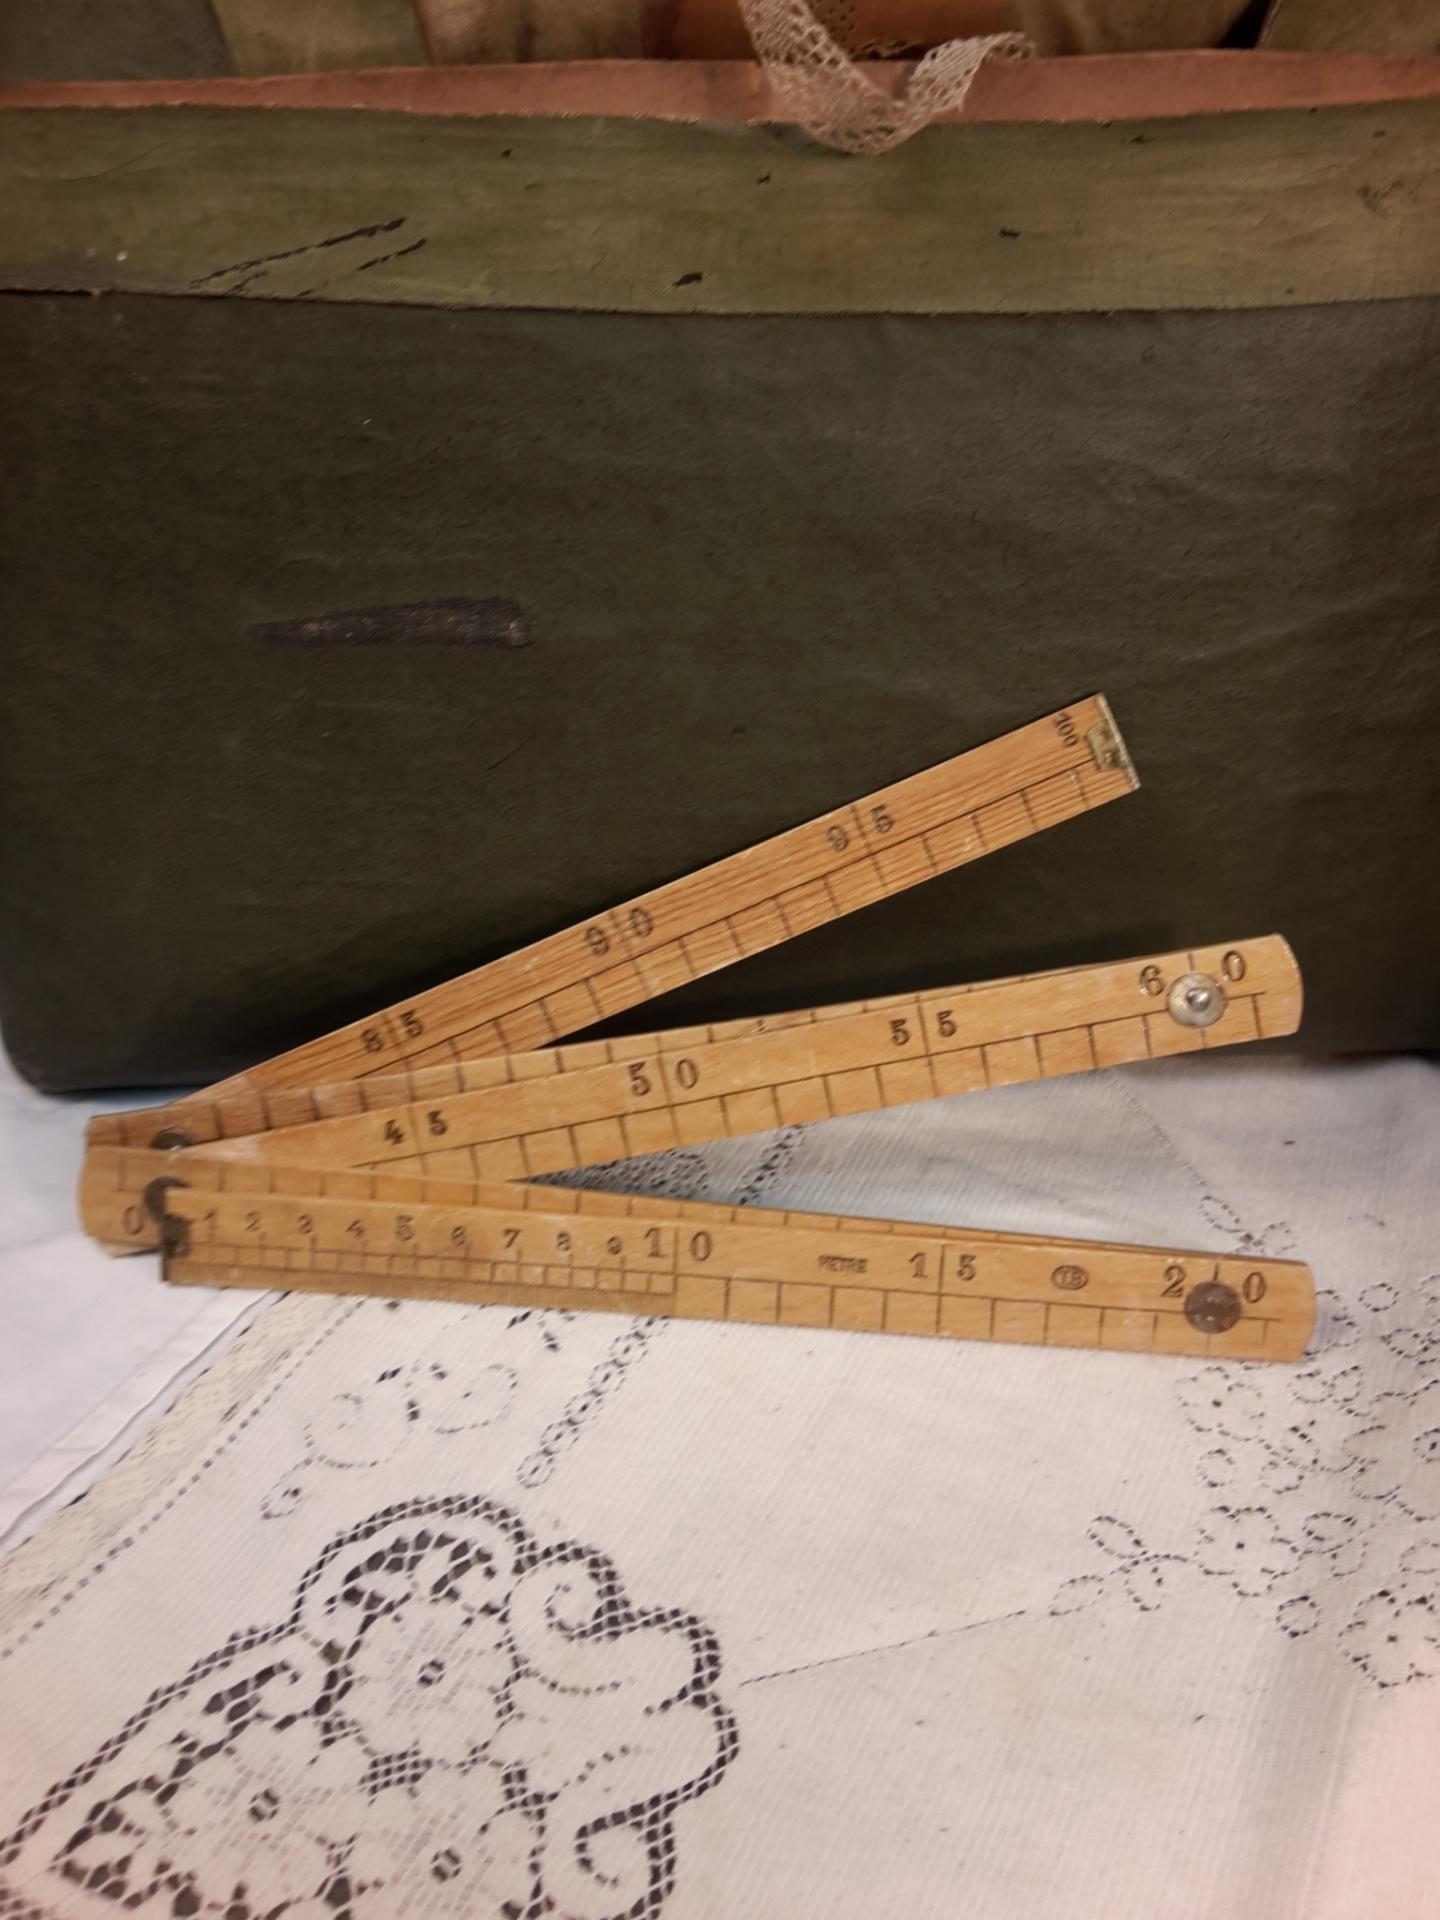 M tre pliant de couture m tre en bois de couturi re for Couturiere en bois